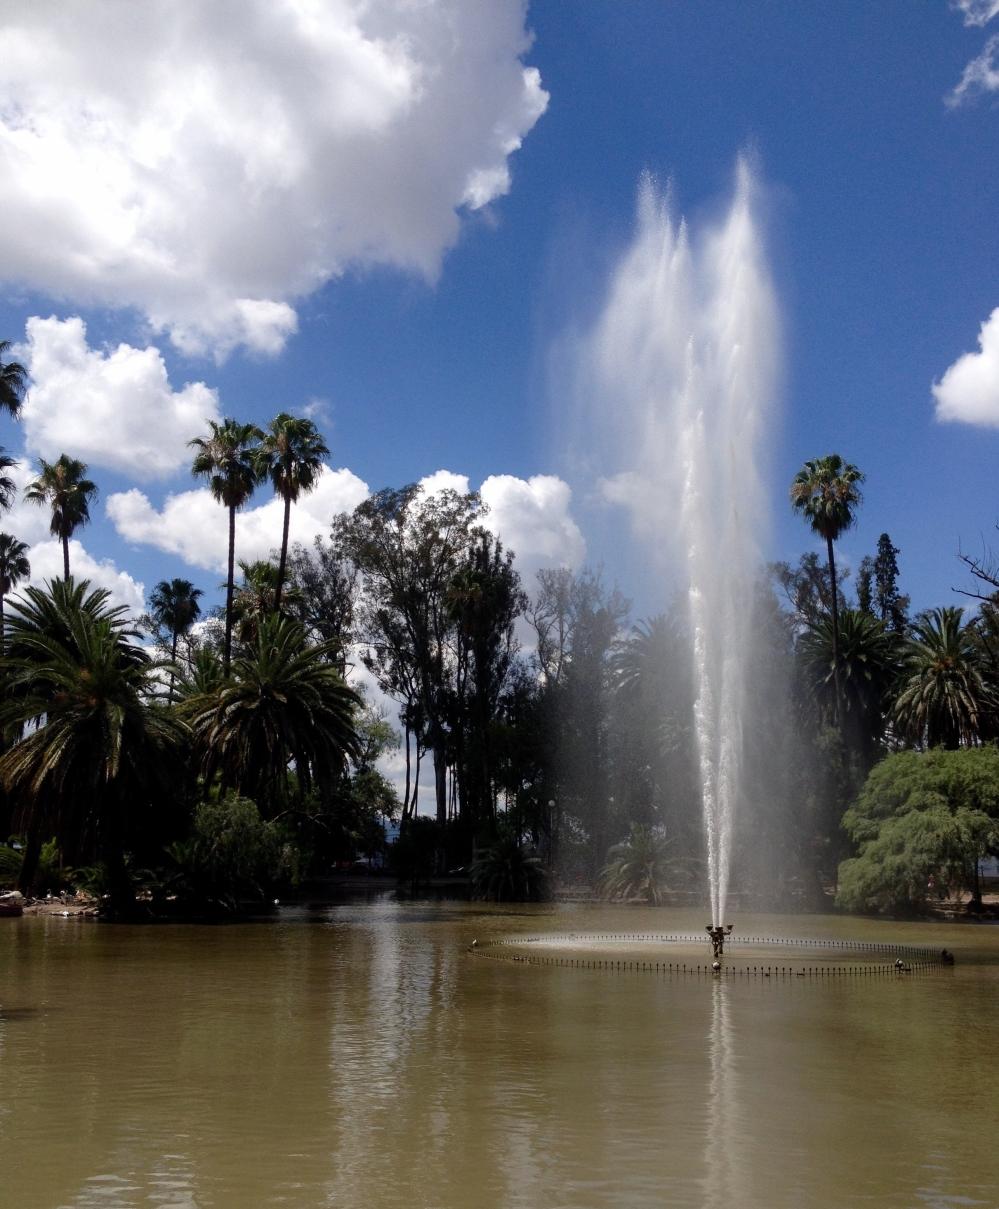 Springbrunnen in Salta in Argentinien